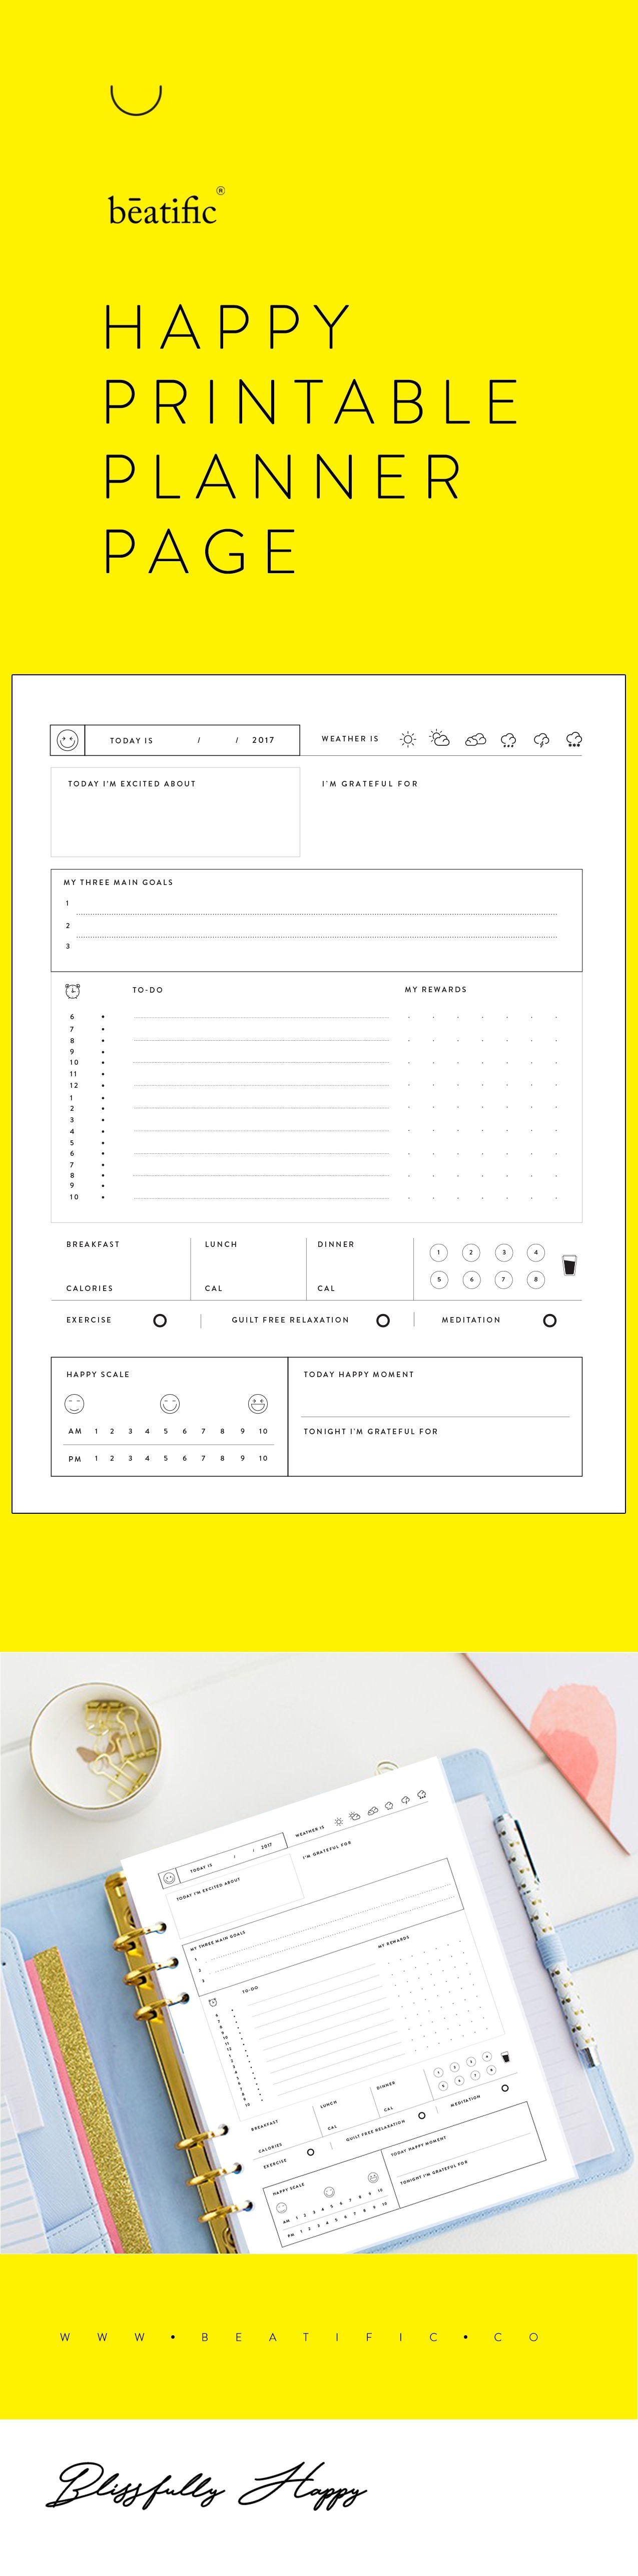 Calendario Semanal Para Imprimir Gratis Más Reciente Blissfully Happy Planner & Journal Printable Undated Of Calendario Semanal Para Imprimir Gratis Más Actual Pin De Karen De Villao En Bordes Para Caratula